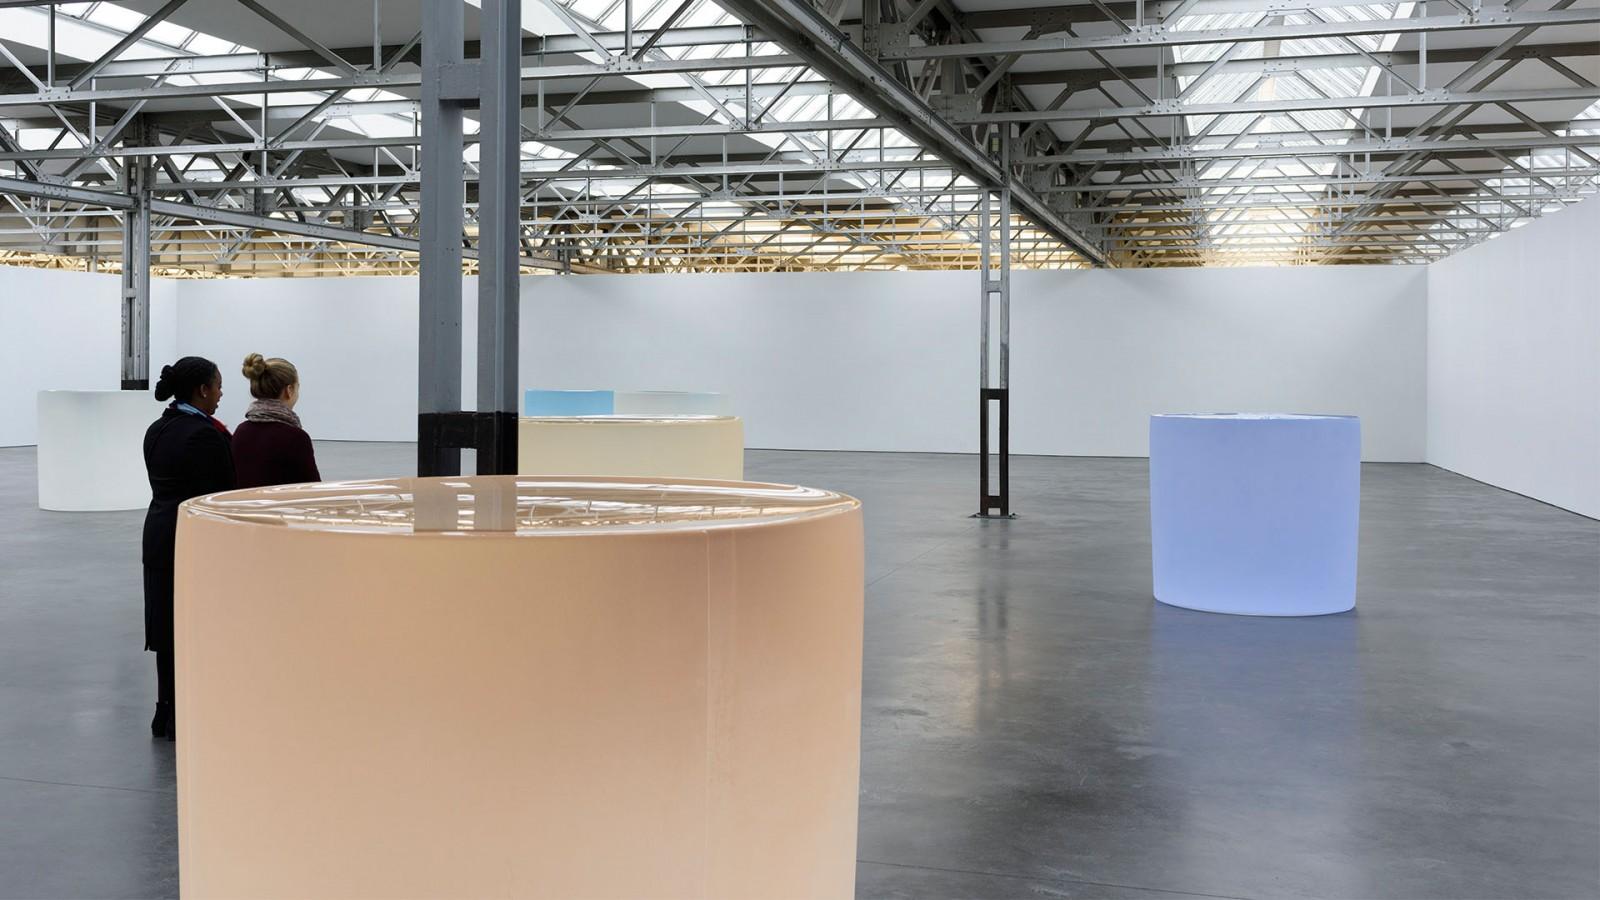 De glas sculpturen van Roni Horn